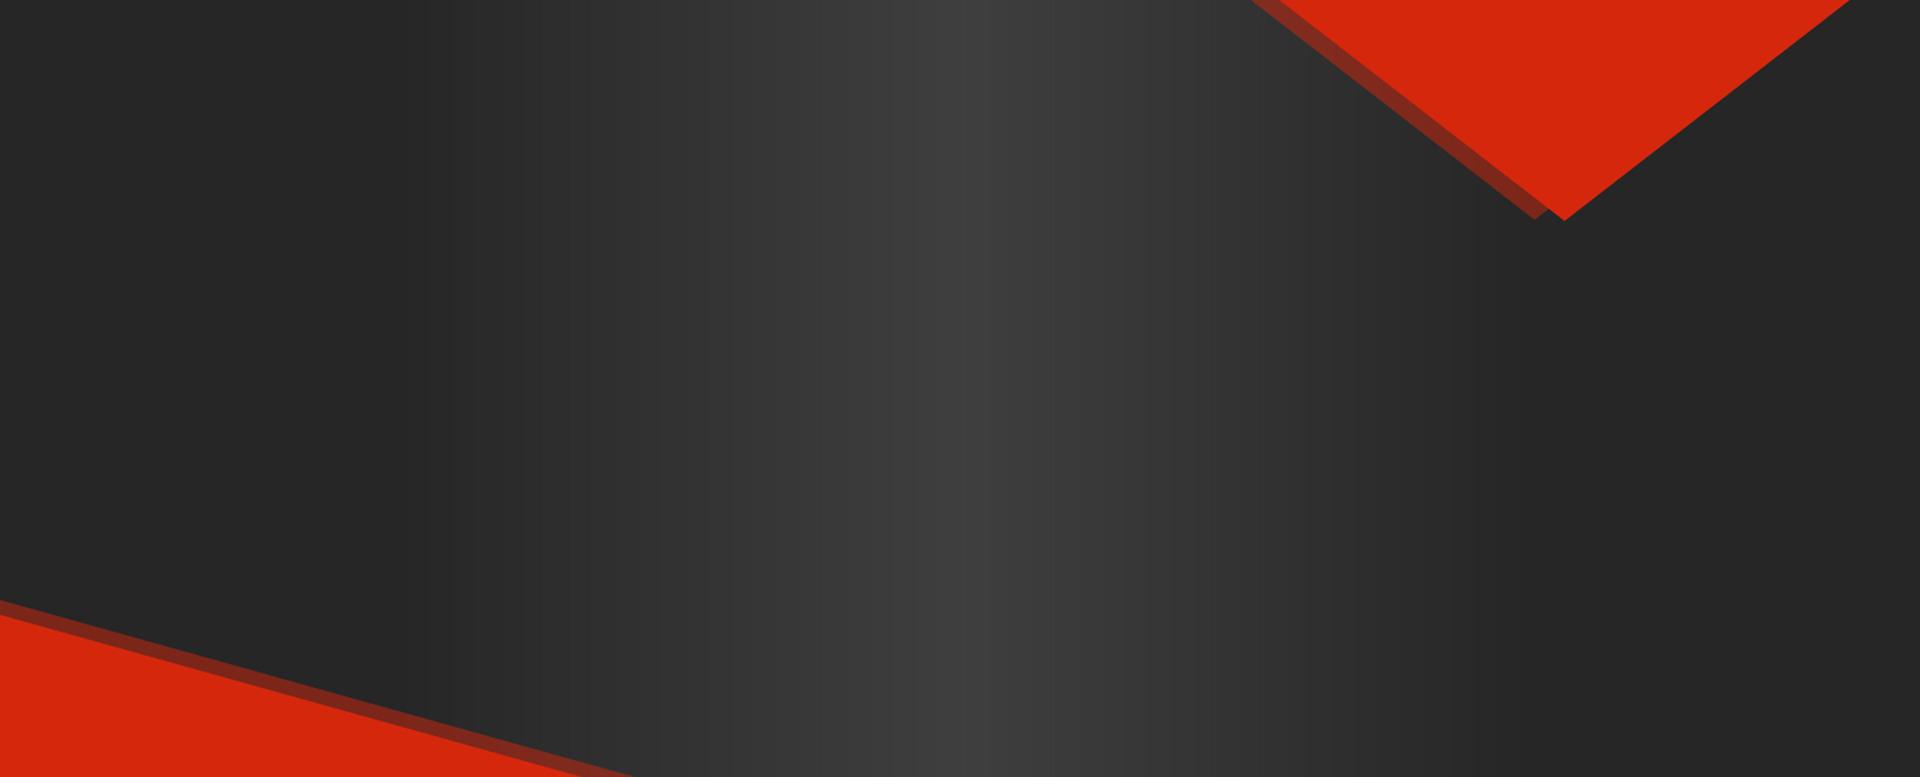 赤黒の背景の写真素材 無料ダウンロードのための Pngtree 赤黒の背景